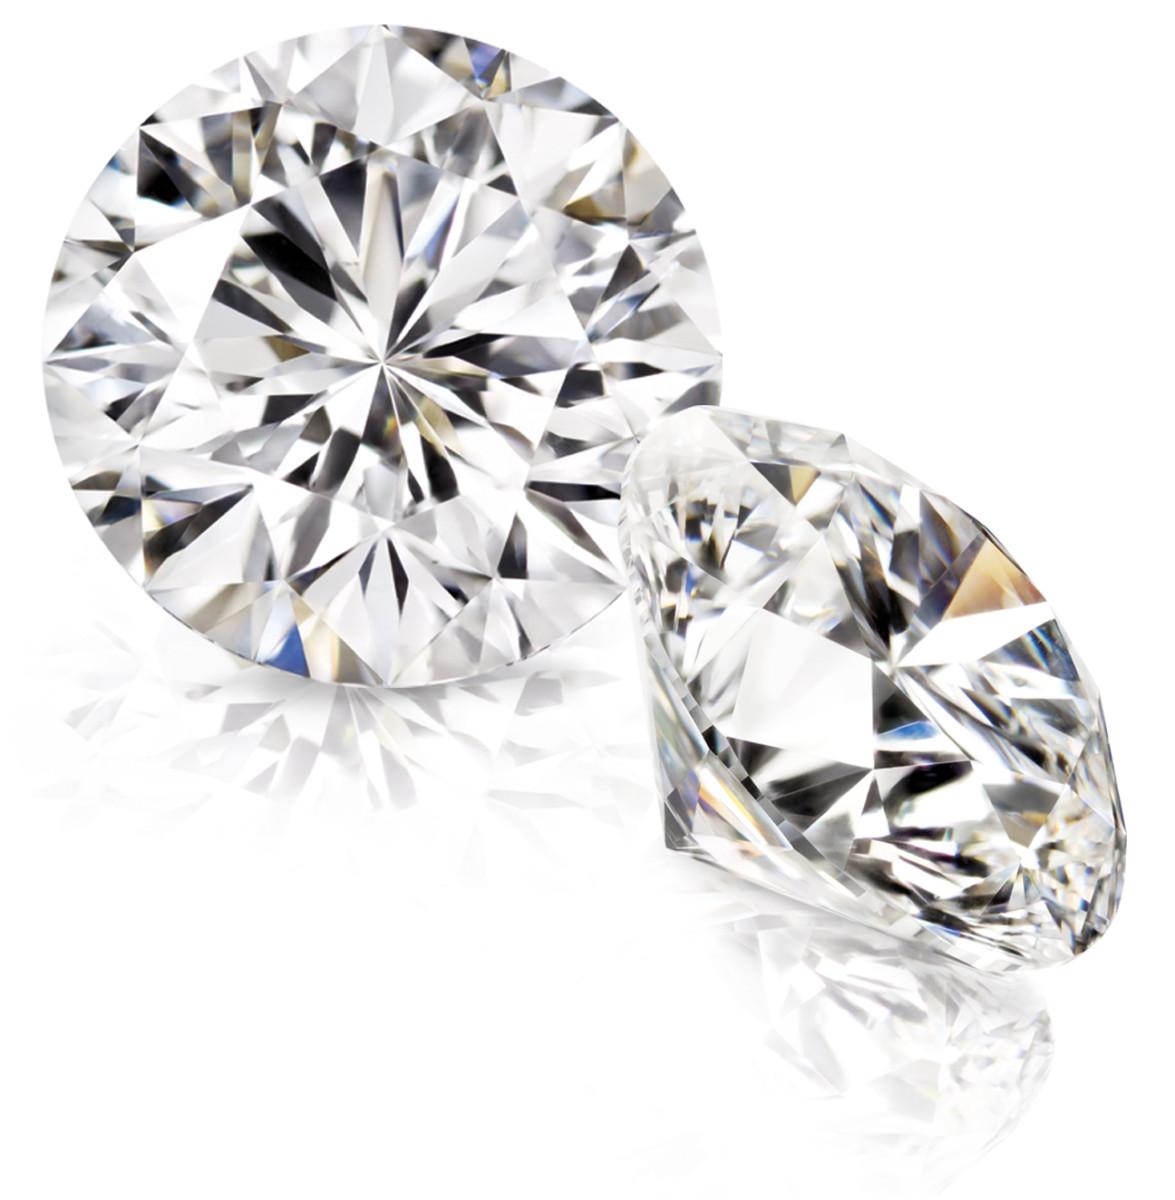 BP - Premier Cut diamond